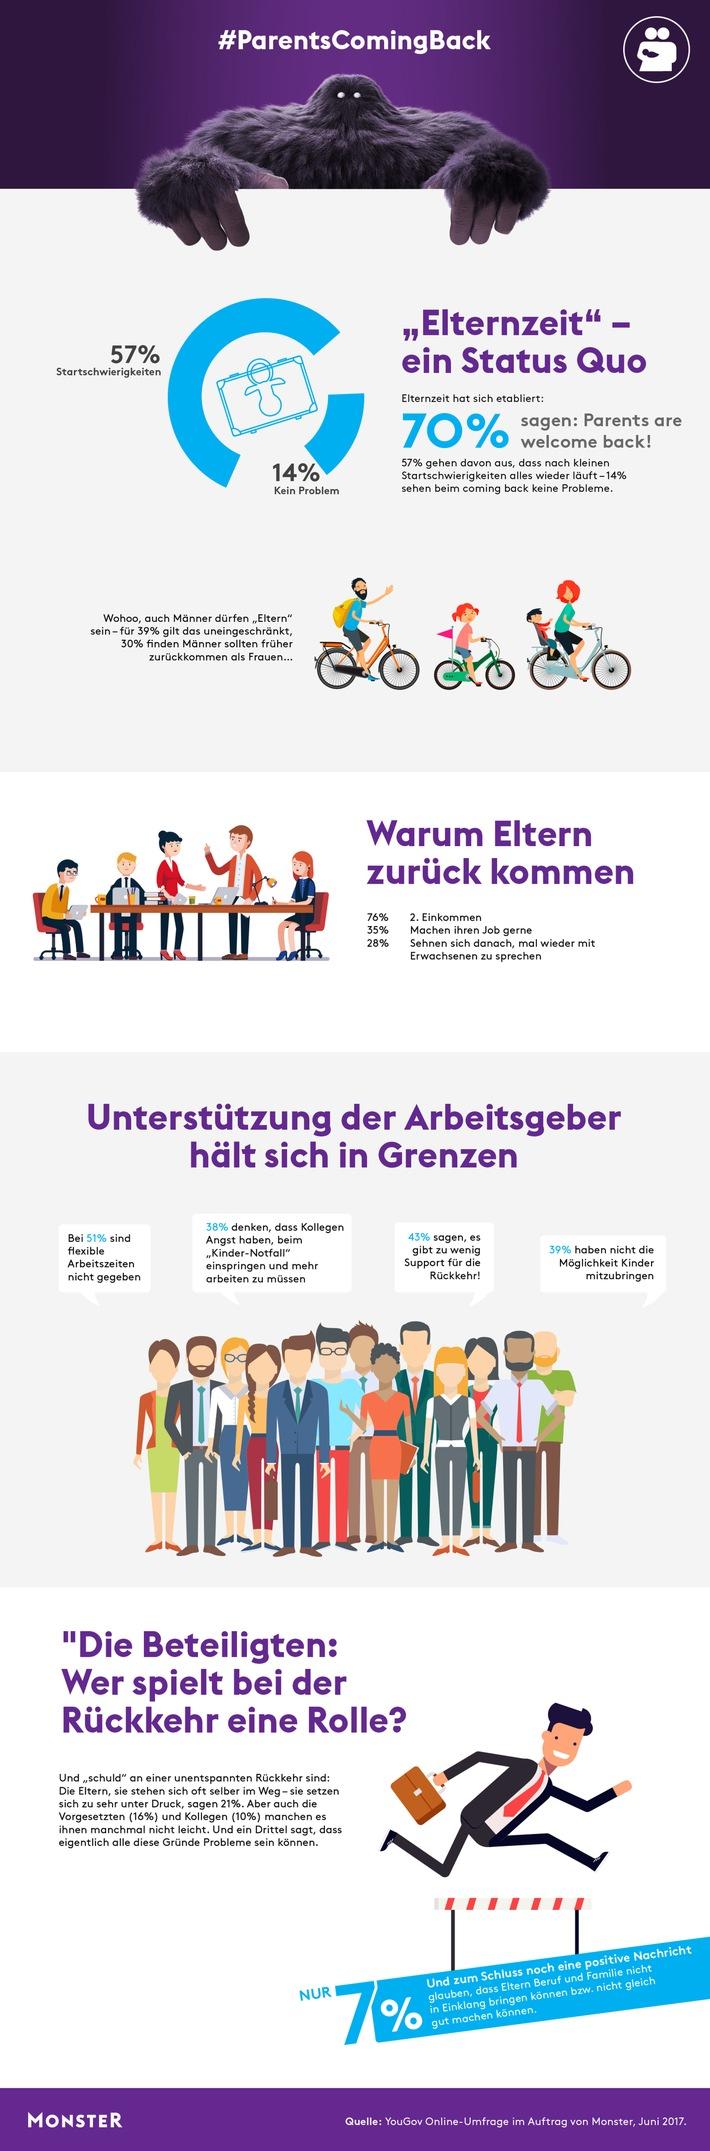 parentscomingback-zurueck-in-den-job-nach-der-elternzeit